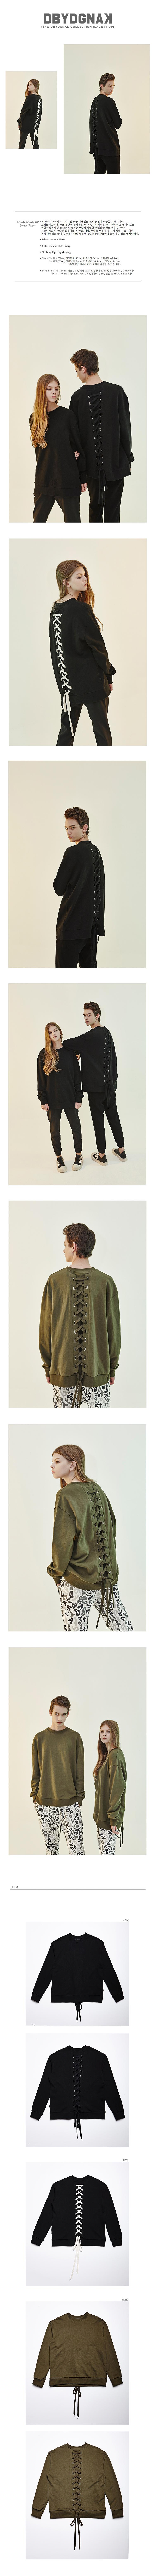 [싸닭 단독할인] [EASYBLACK기획단독할인] [도깨비 이동욱착용] Back Lace-Up Sweat Shirts (IV) | 브랜드: D BY DGNAK 상품코드: VM618495 제조국가: Made in Korea 발송지: 국내발송상품 시즌: 2016 F/W | 972e2467b7b32b30651f5c5c476ca91e_1480051136_3693.jpg | #DBYDGNAK